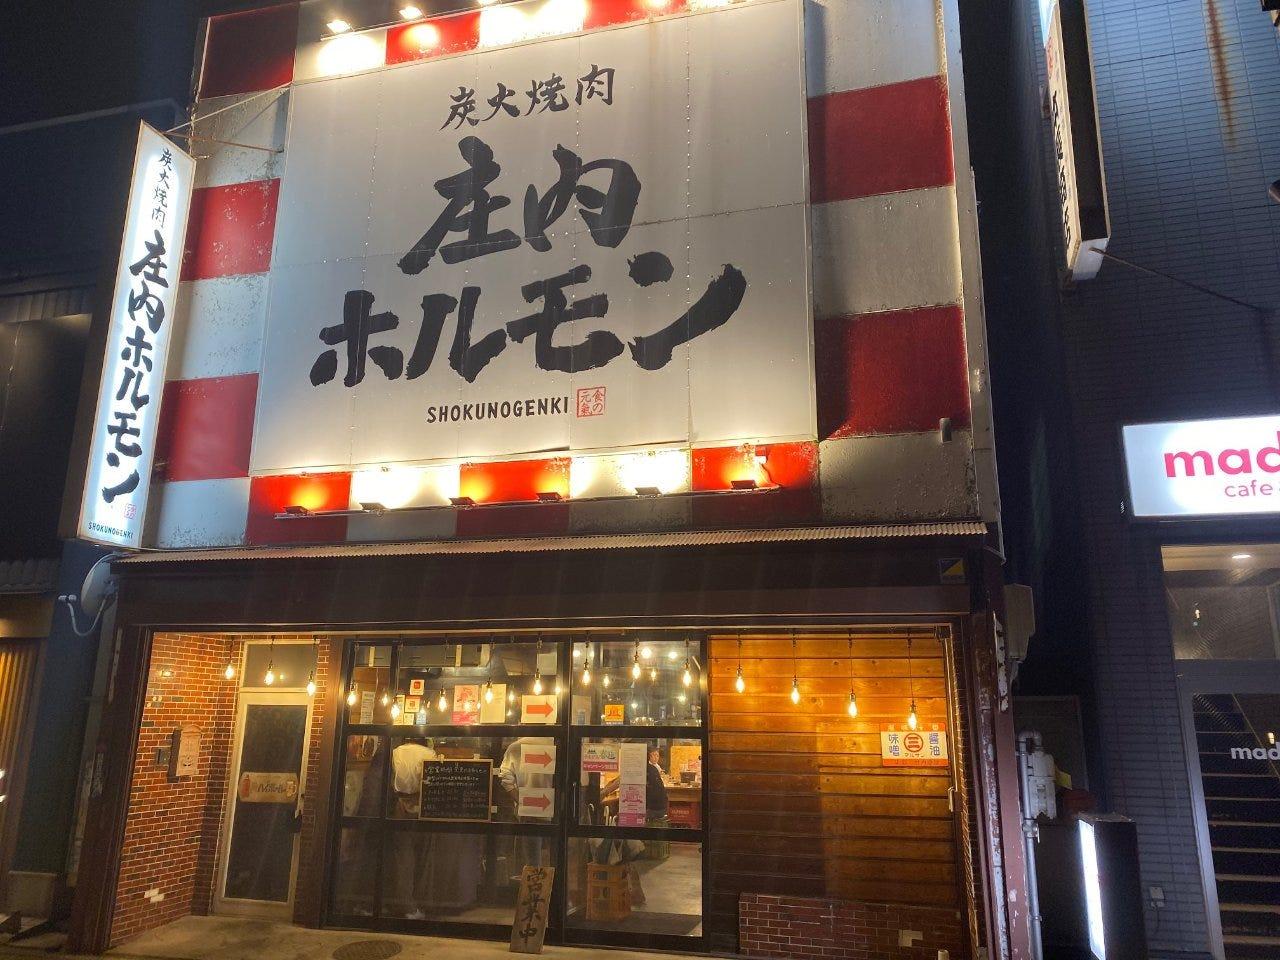 庄内ホルモン鶴岡のイメージ写真